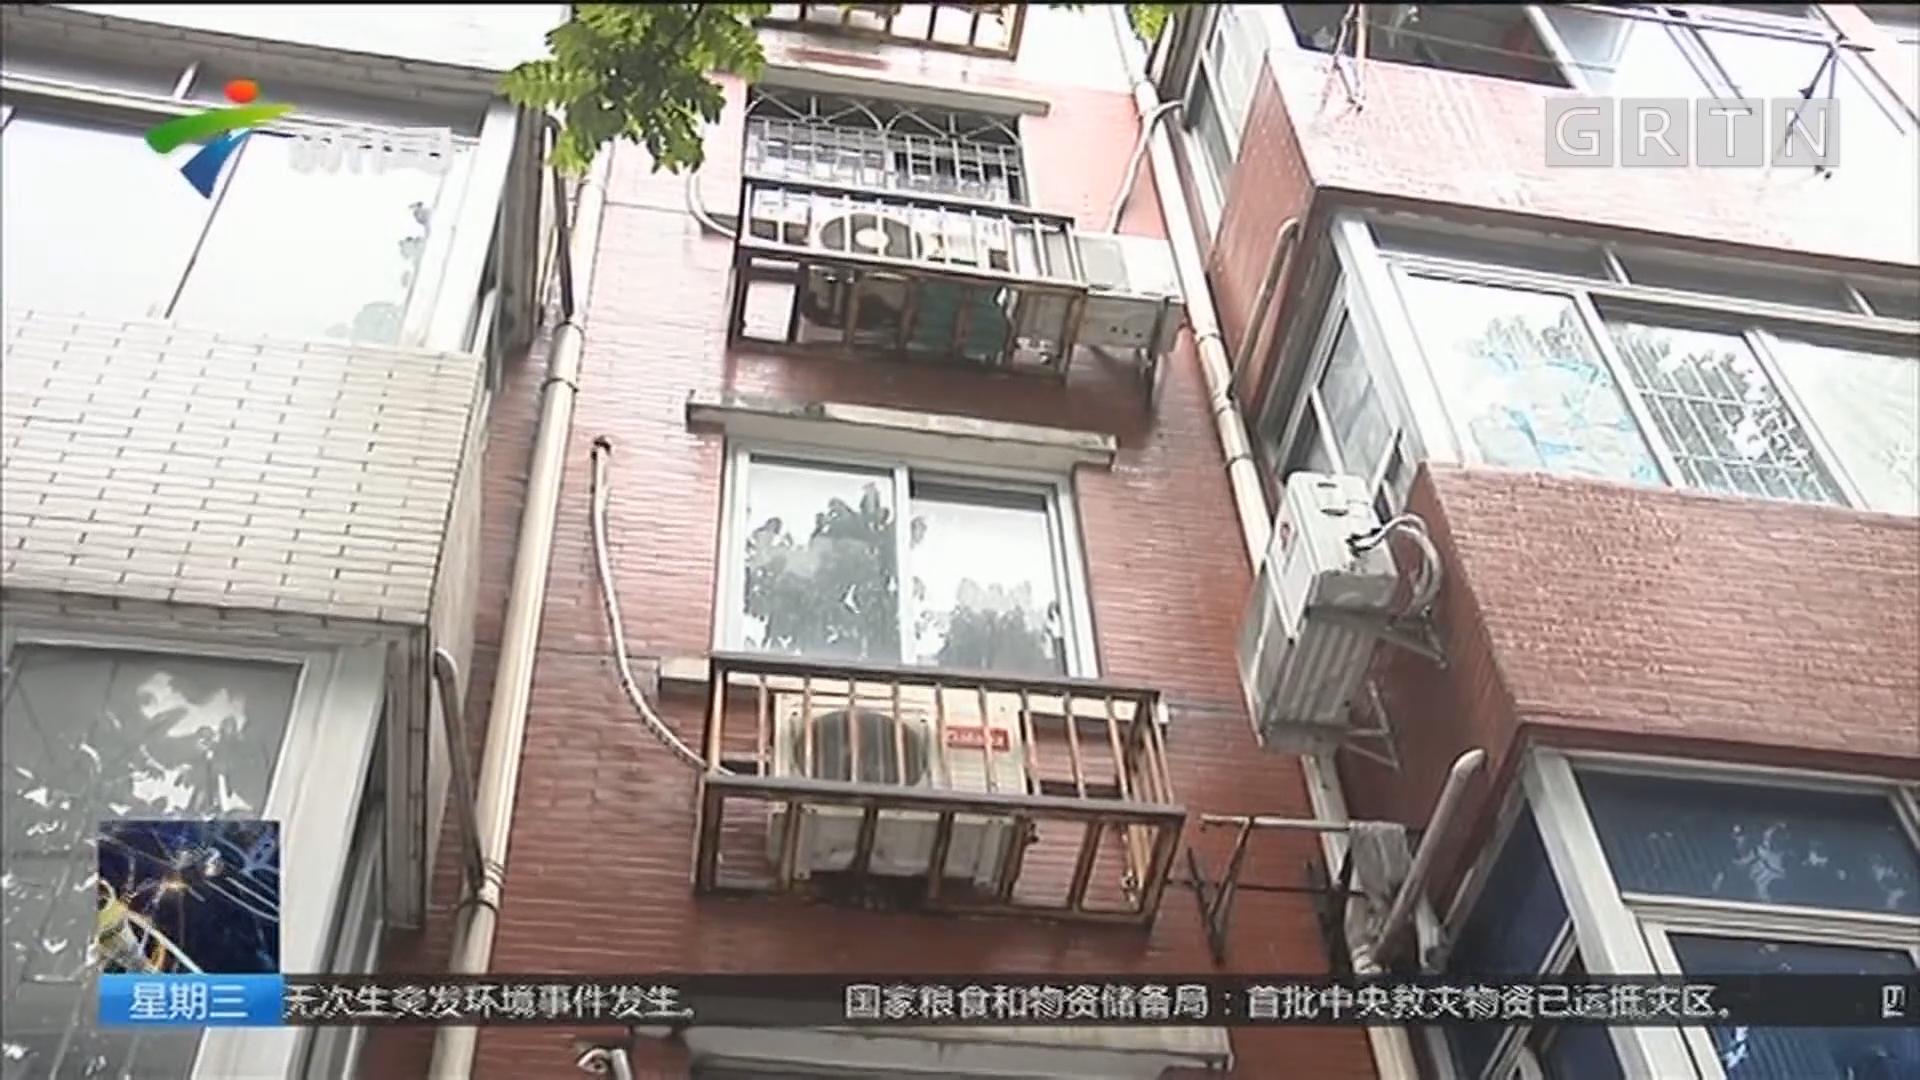 楼宇安全隐患调查:广州 临街空调架多年缺乏维护 锈迹斑斑摇摇欲坠